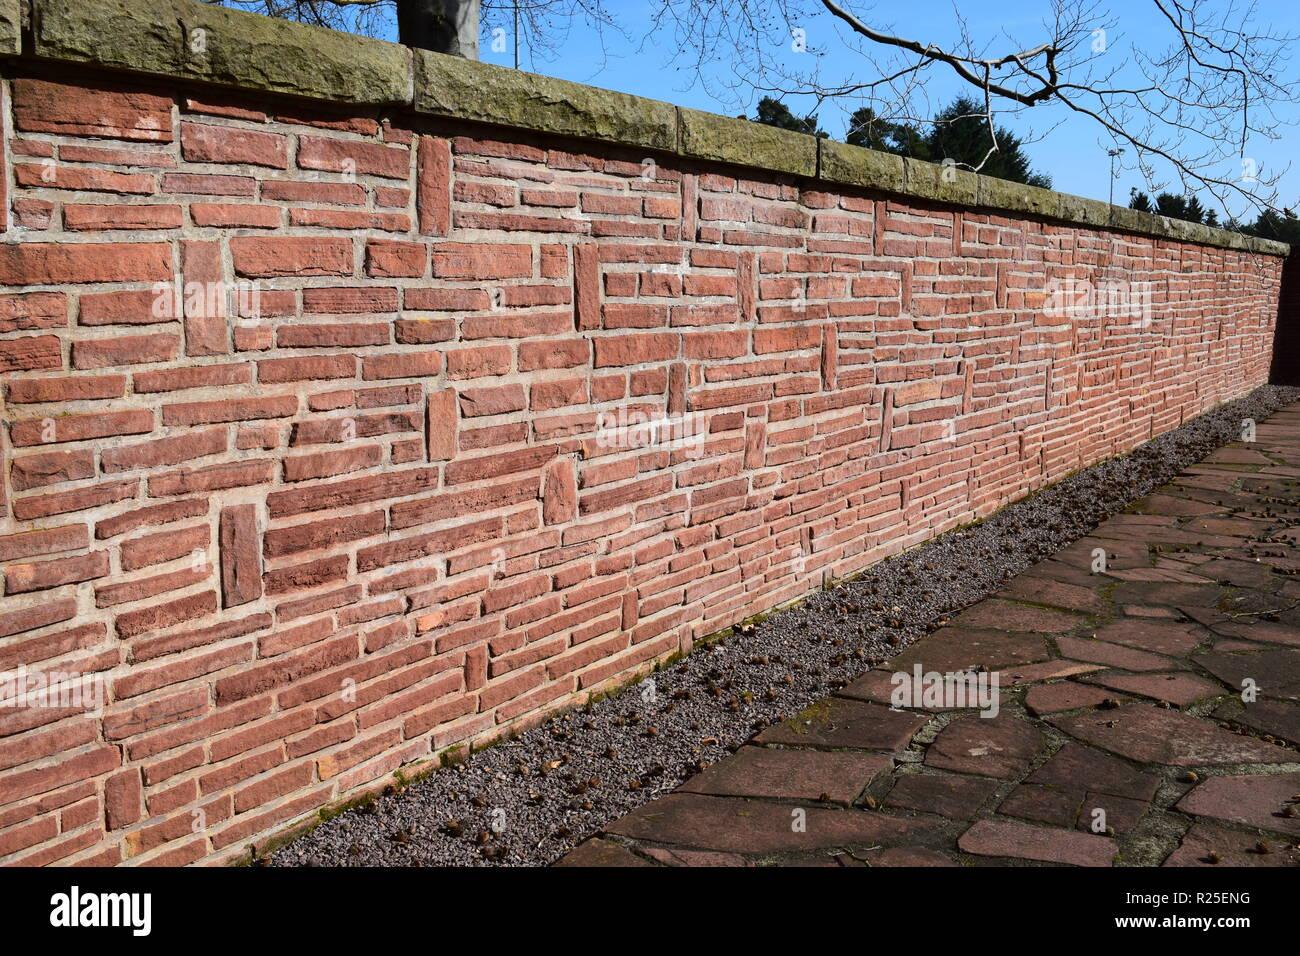 BRICK WALL SHOWING TEXTURE AND CHARACTER.. ZIEGELSTEIN-WAND, DIE BESCHAFFENHEIT UND ZEICHEN ZEIGT - Stock Image